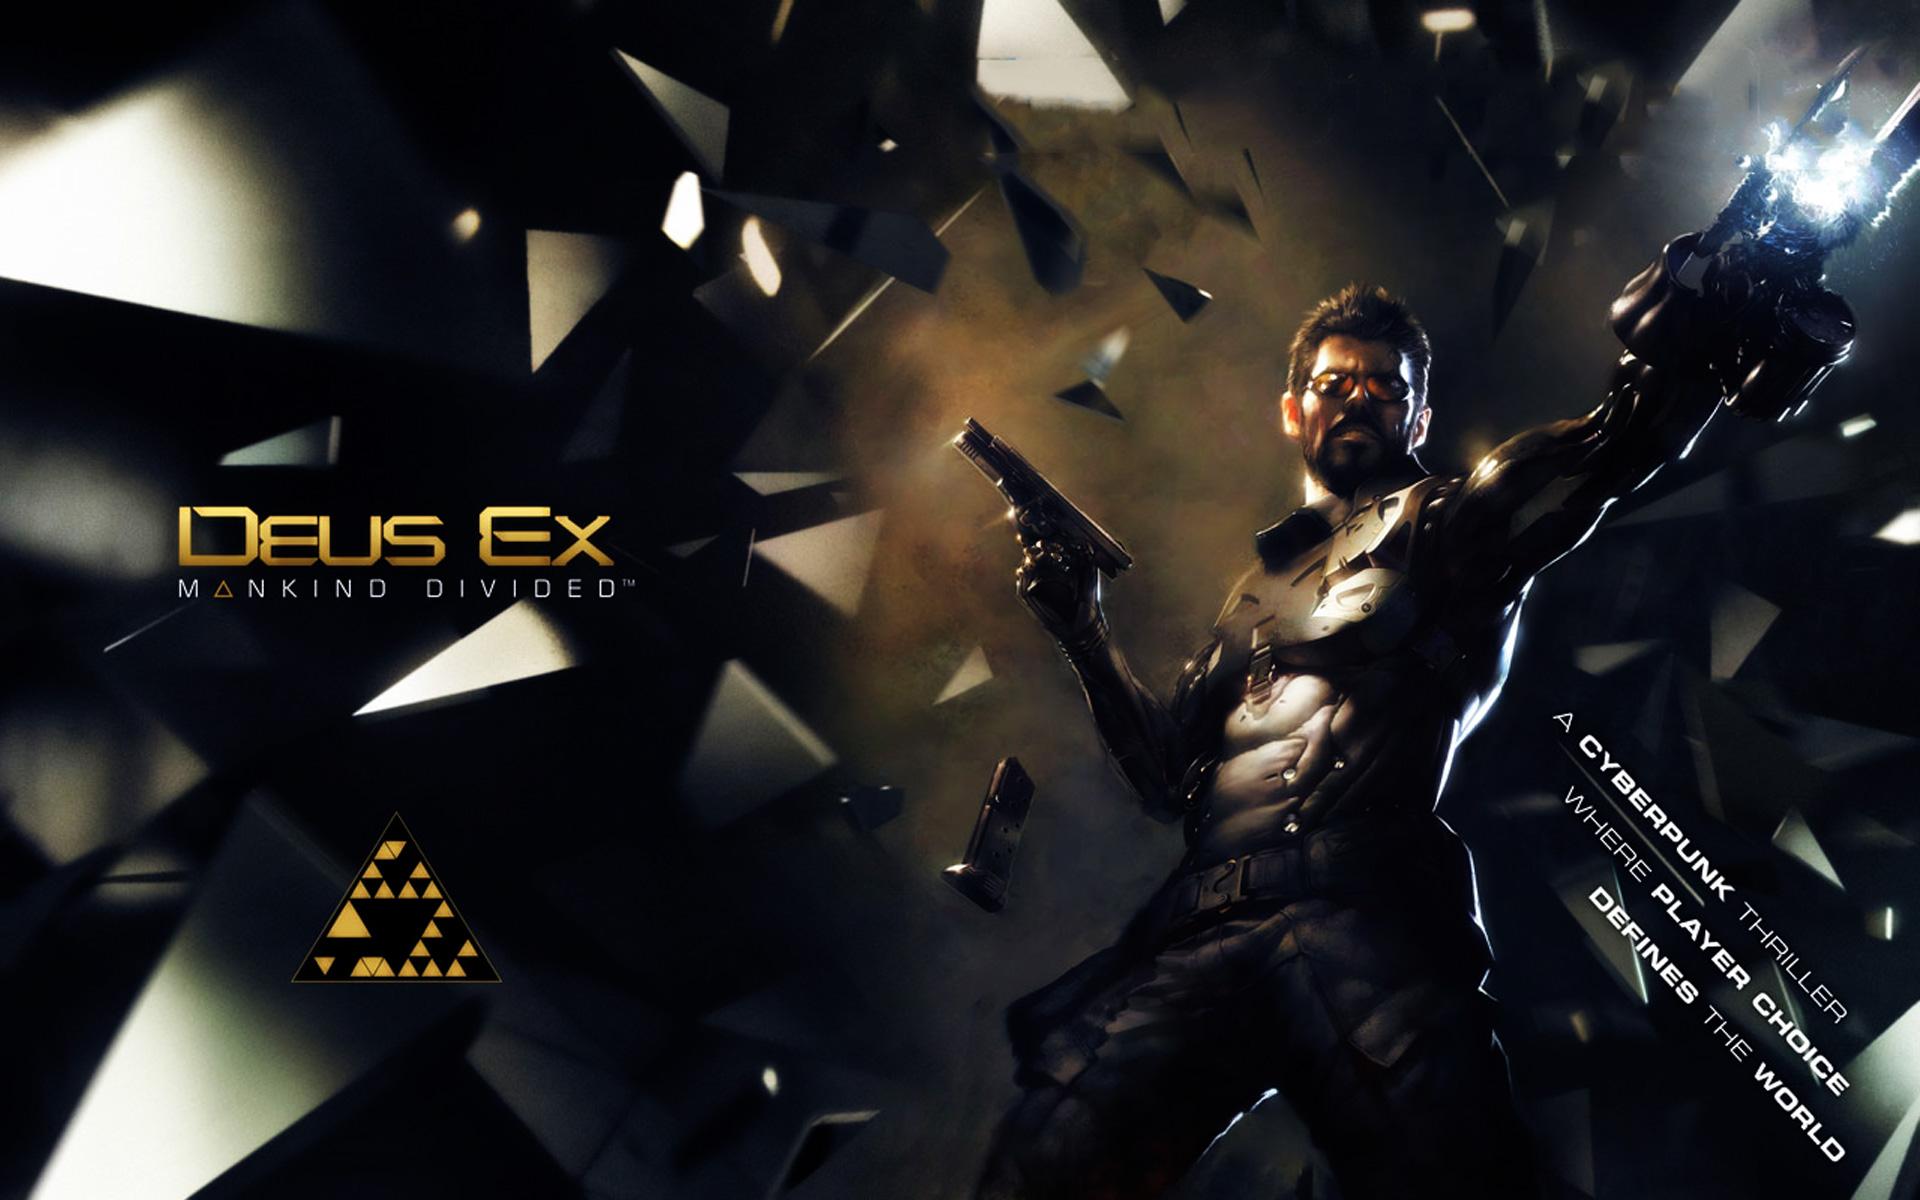 Deus Ex Mankind Divided Wallpaper: Deus Ex: Mankind Divided Full HD Wallpaper And Background